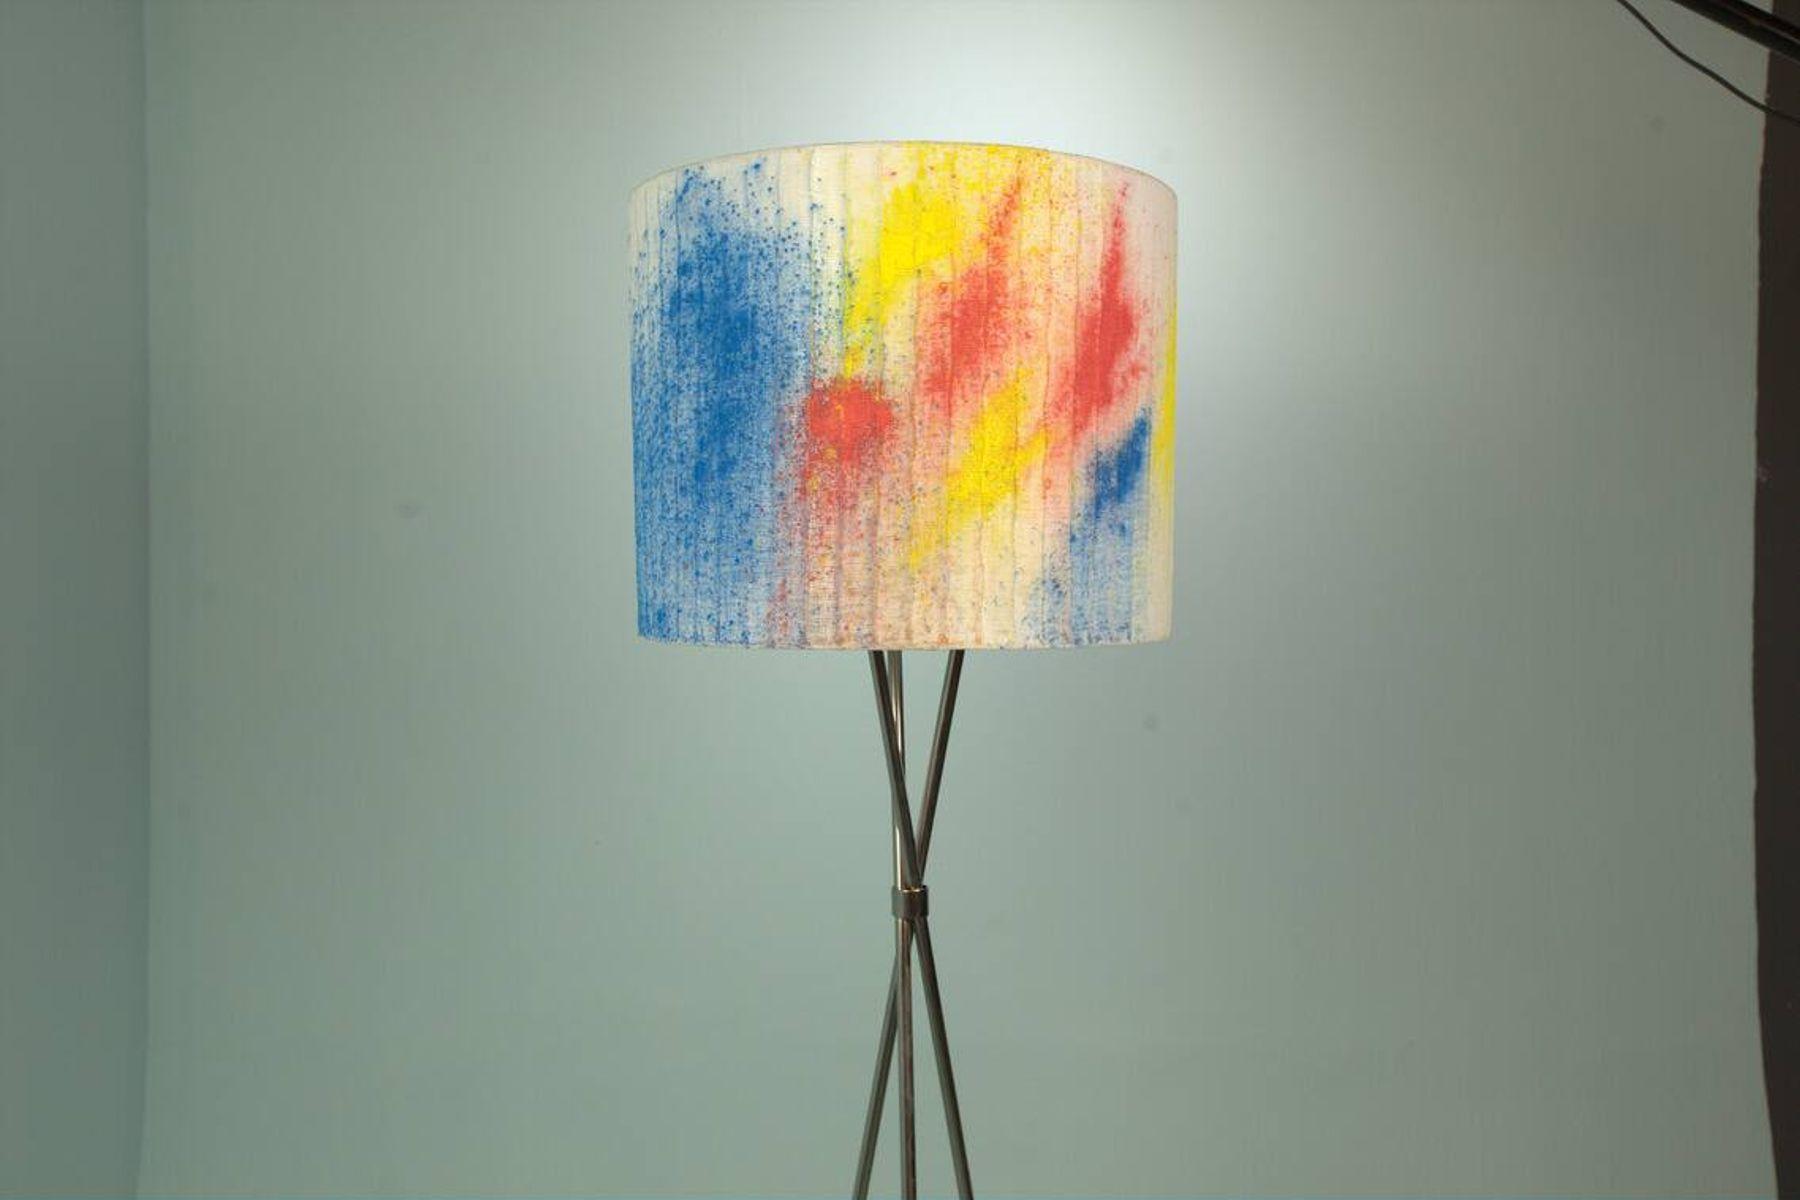 Lámpara con manchas de color rojo, azul y amarillo en la pantalla